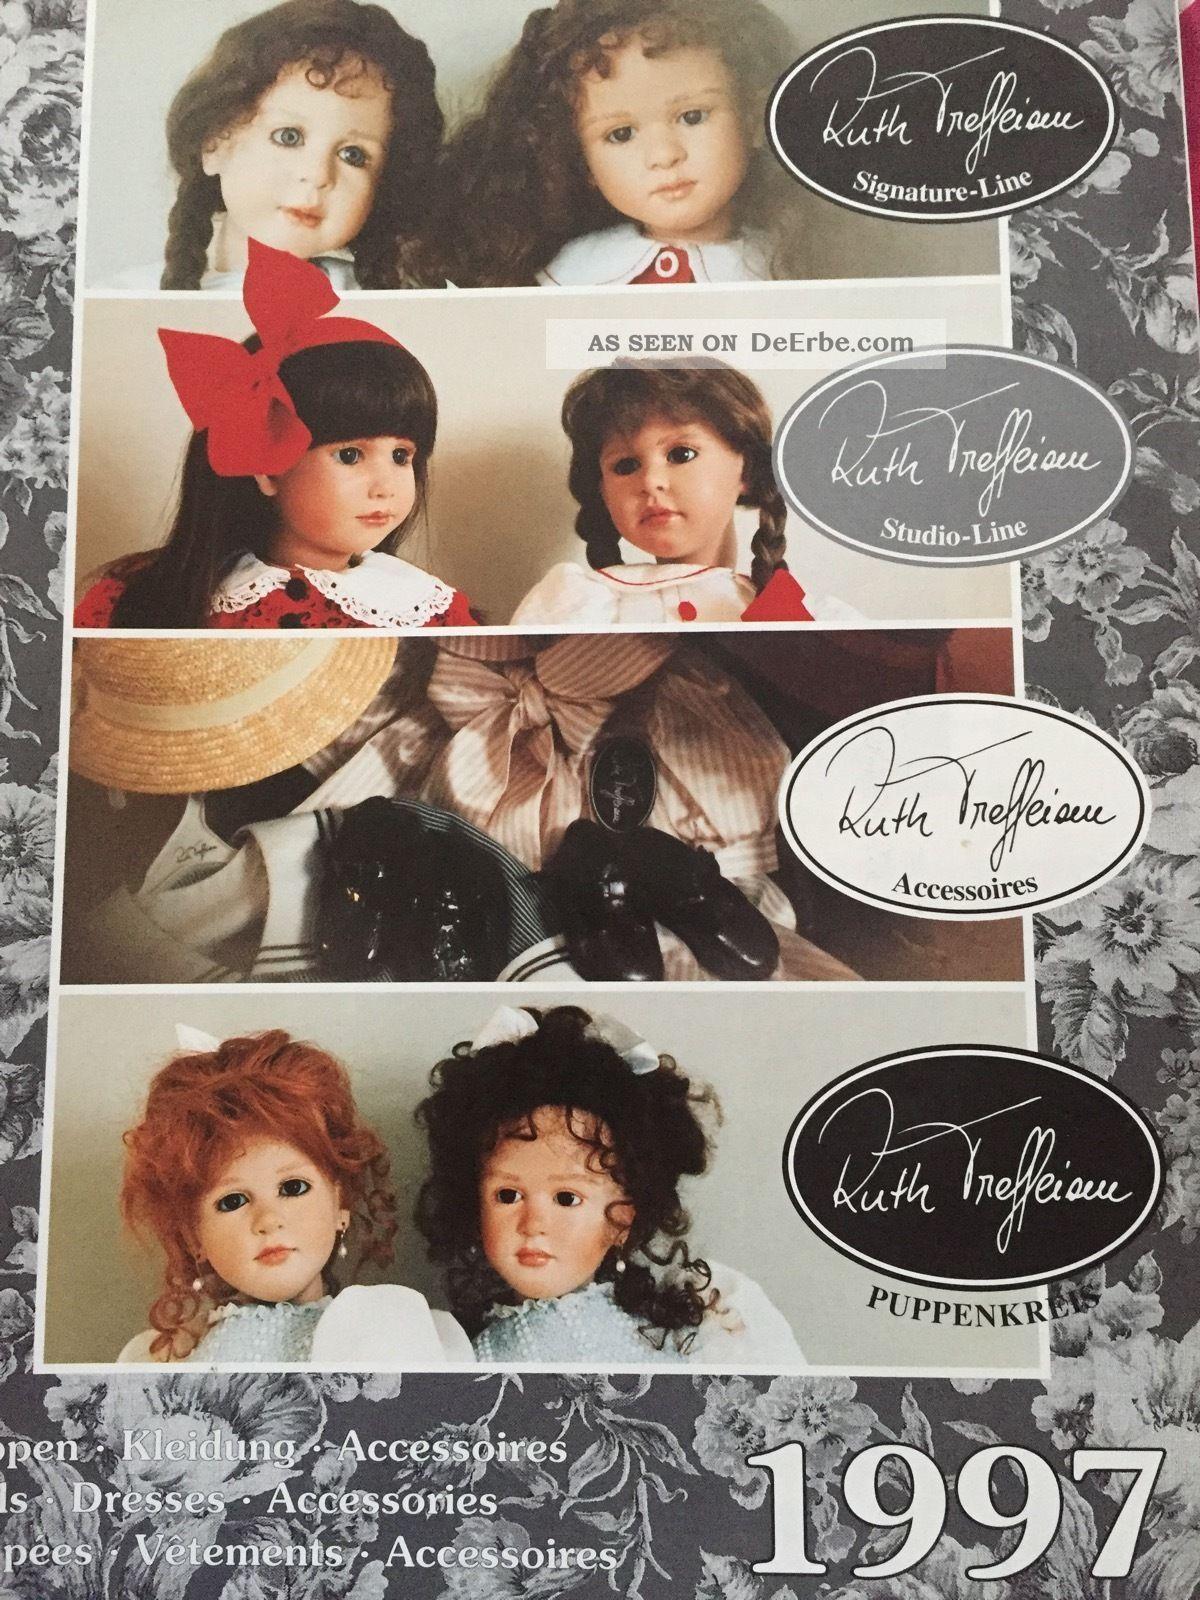 1997 Ruth Treffeisen Puppenkatalog Spielzeug-Literatur Bild